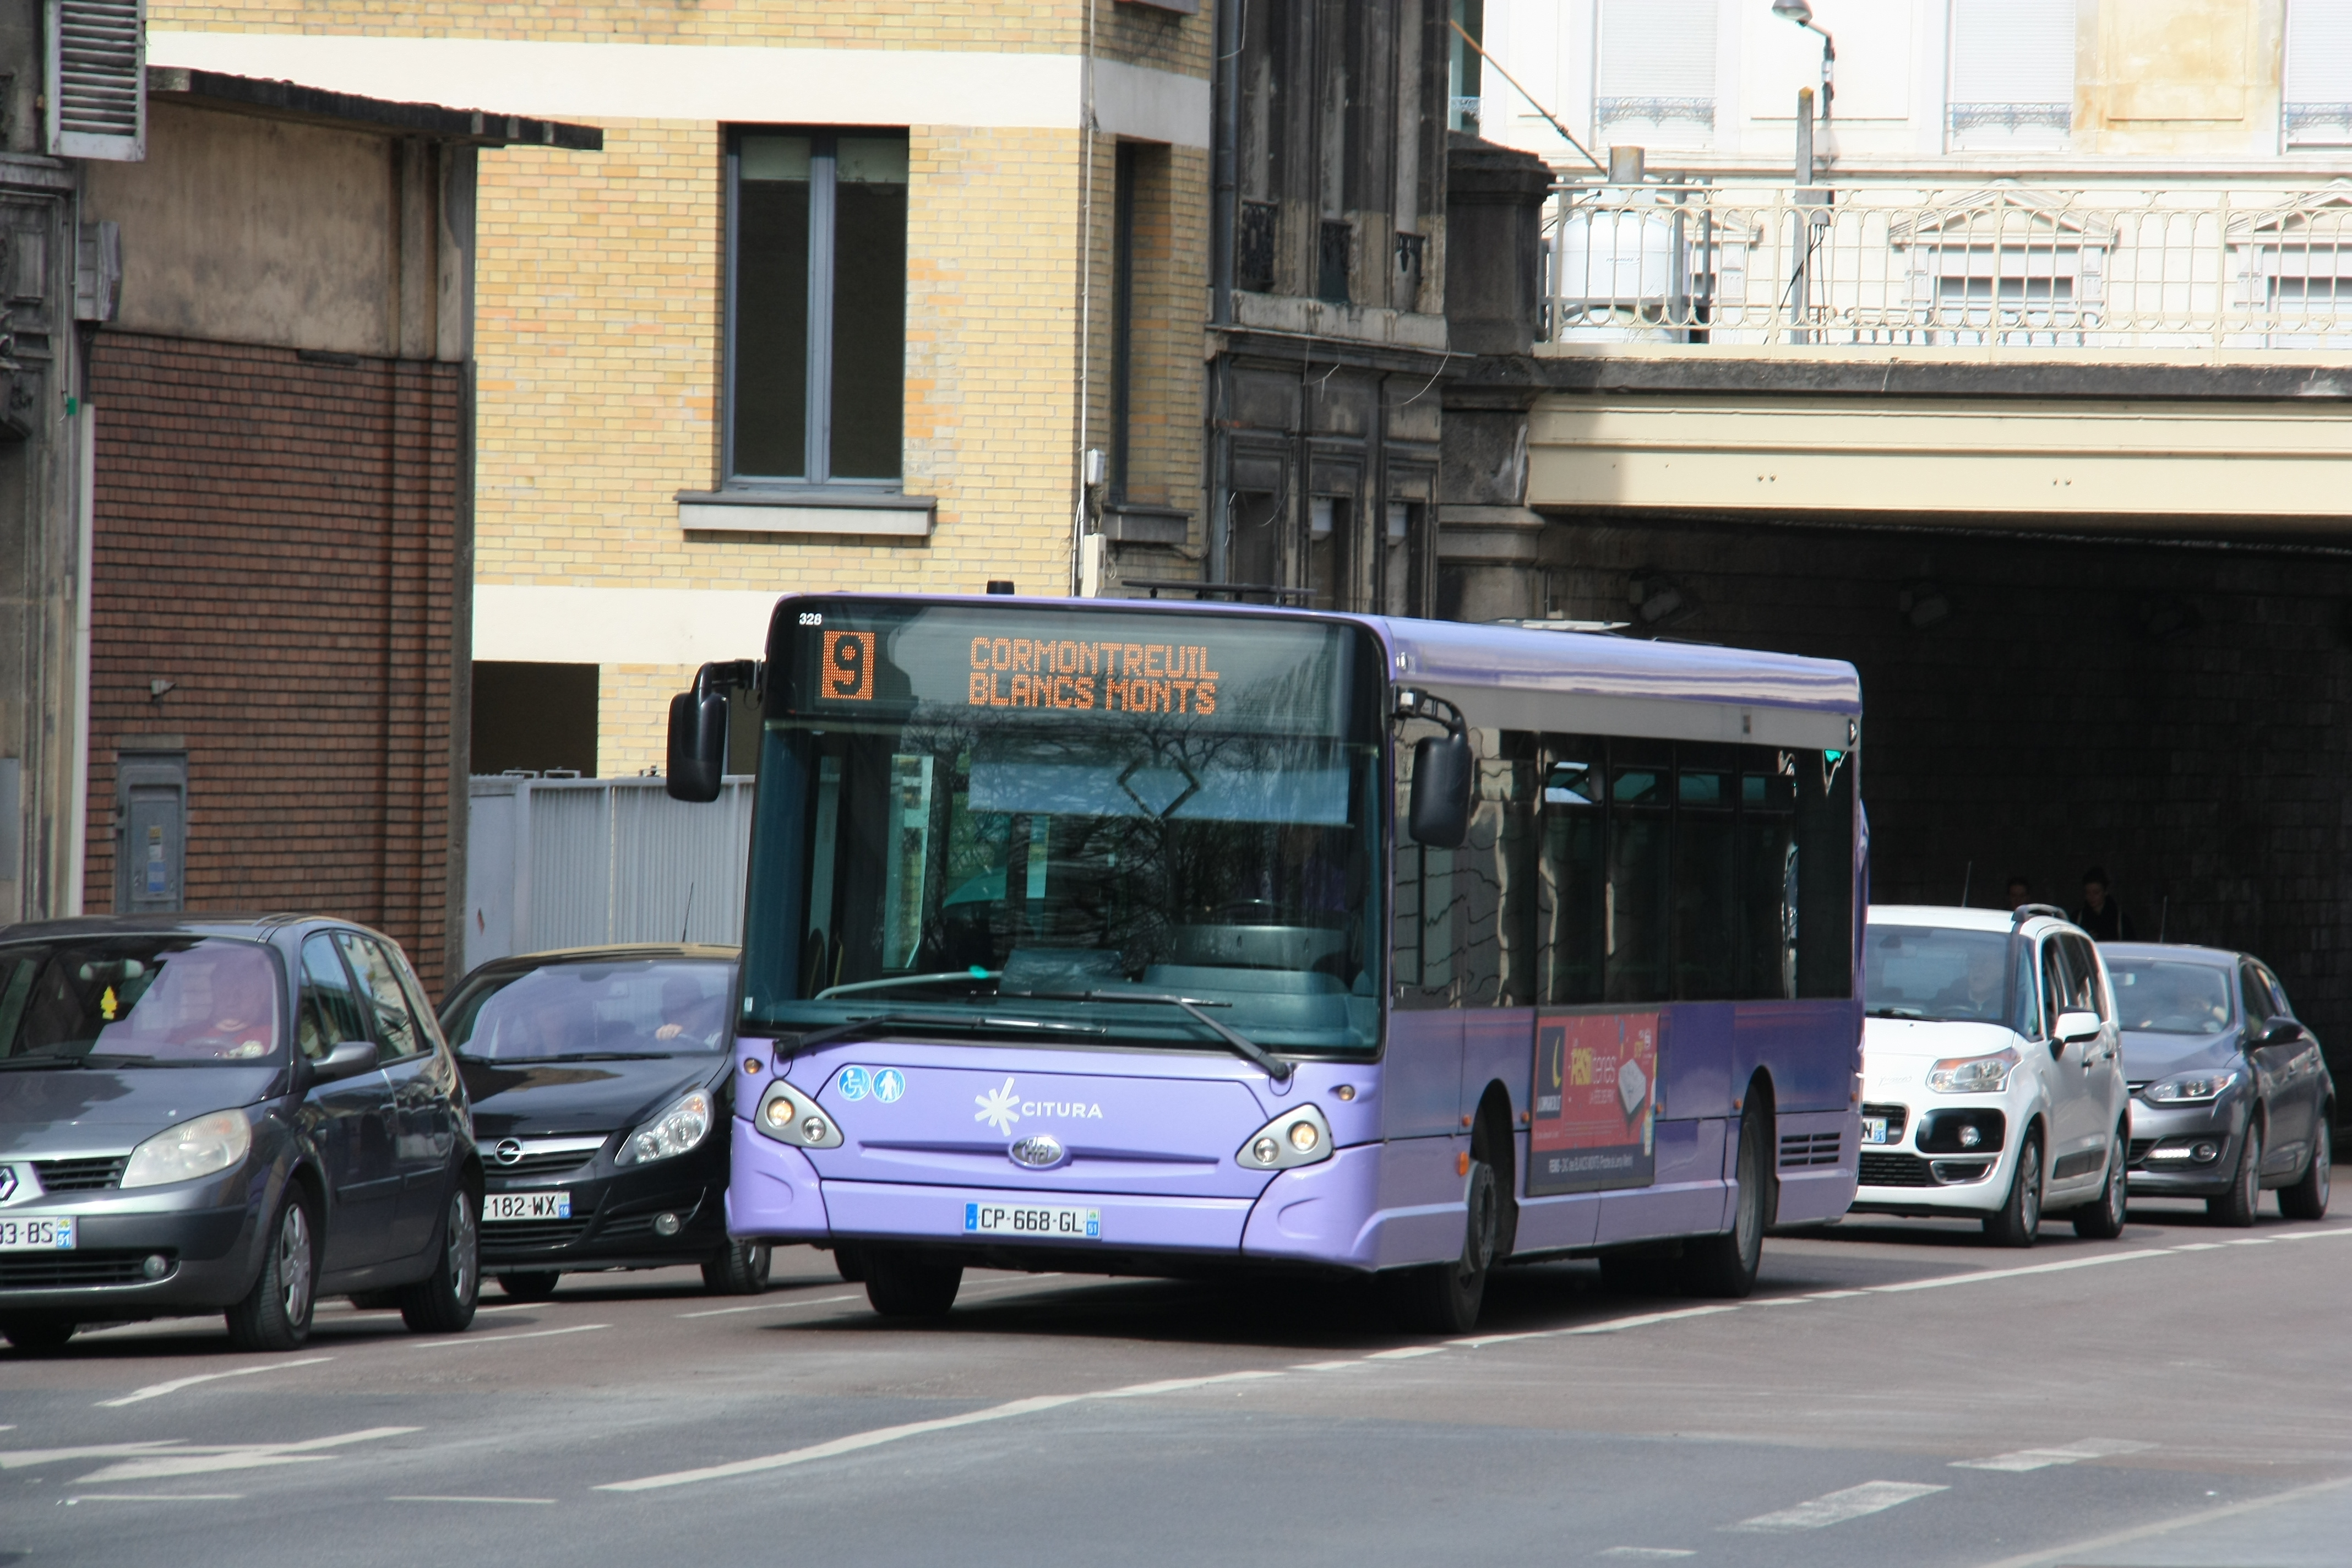 Citura - heuliez bus gx327 n°328 - ligne 9 photo